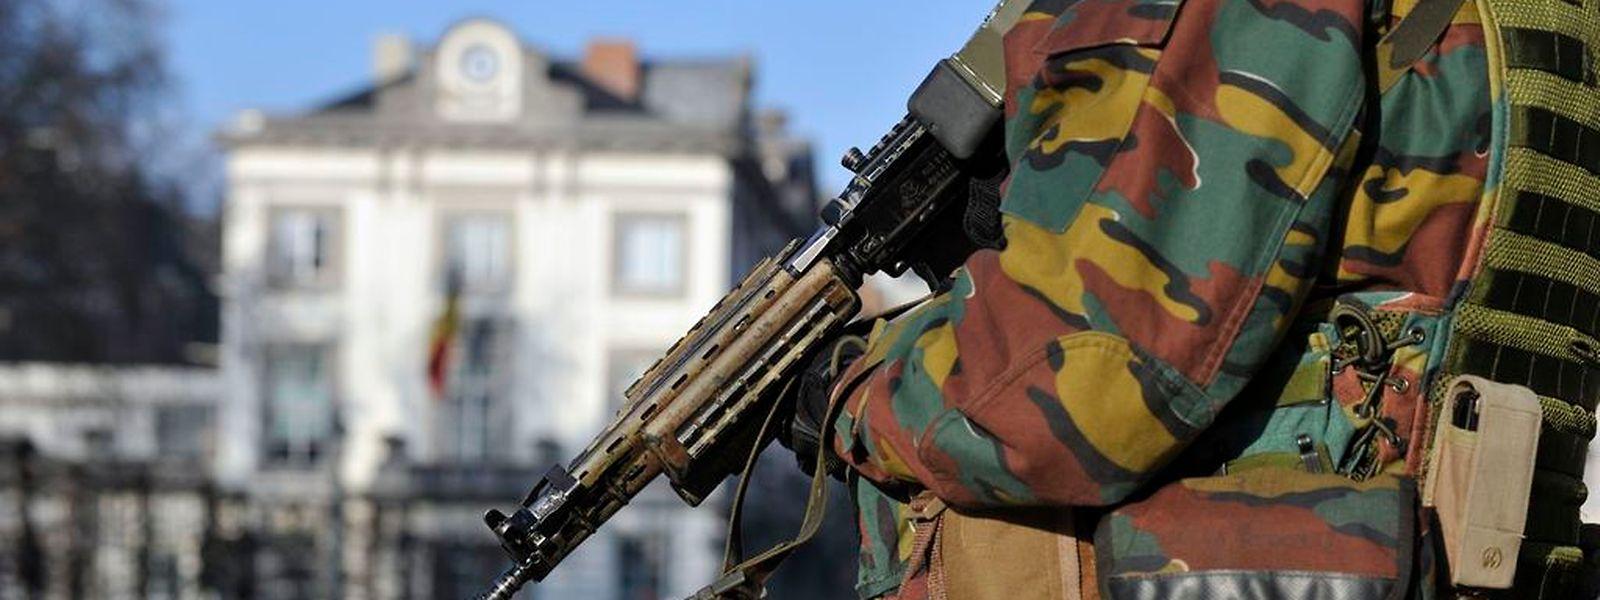 Im Zuge der erhöhten Bedrohungslage in Belgien: An als besonders gefährdet eingestuften Orten patrouilliert die Armee.